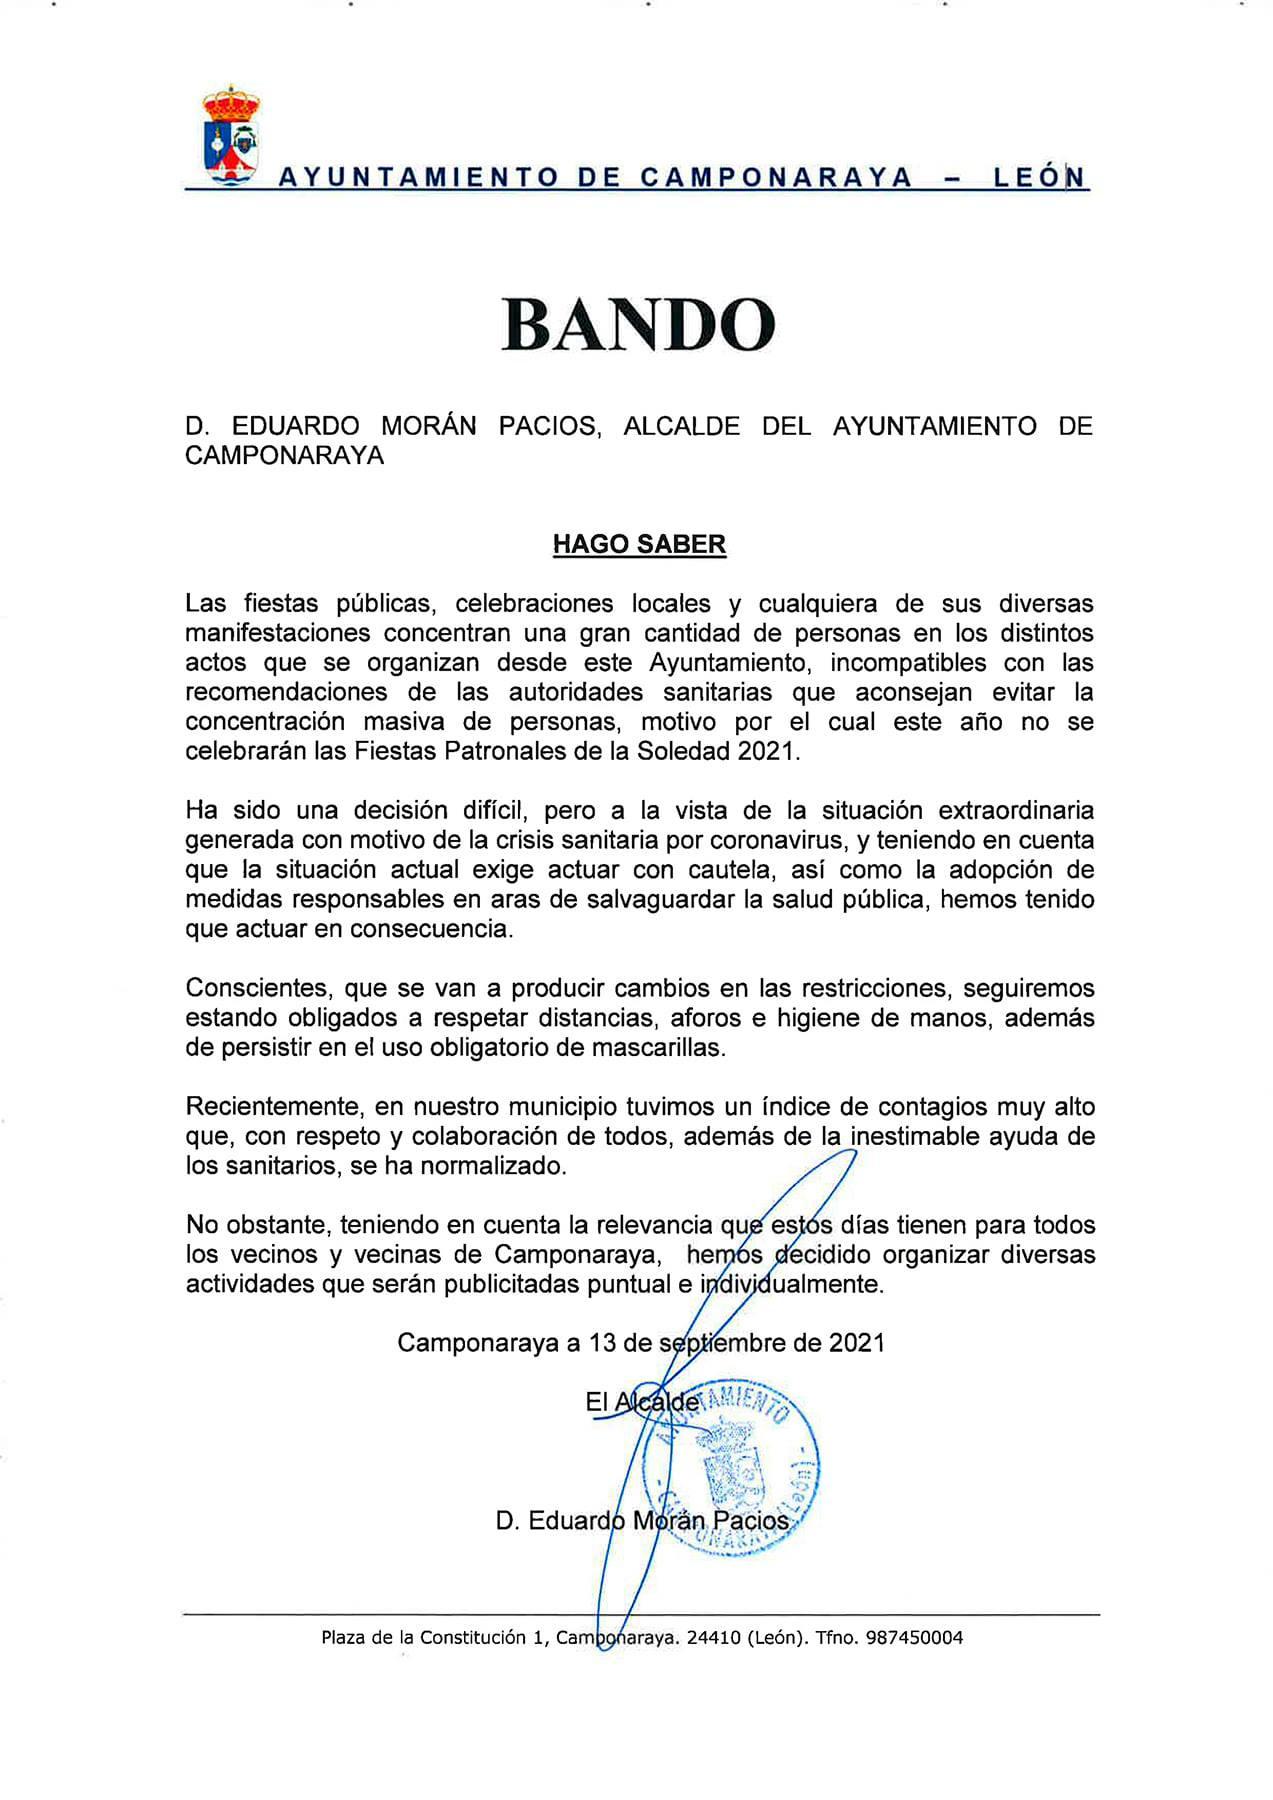 Camponaraya cancela la celebración de las Fiestas de la Soledad 2021 2